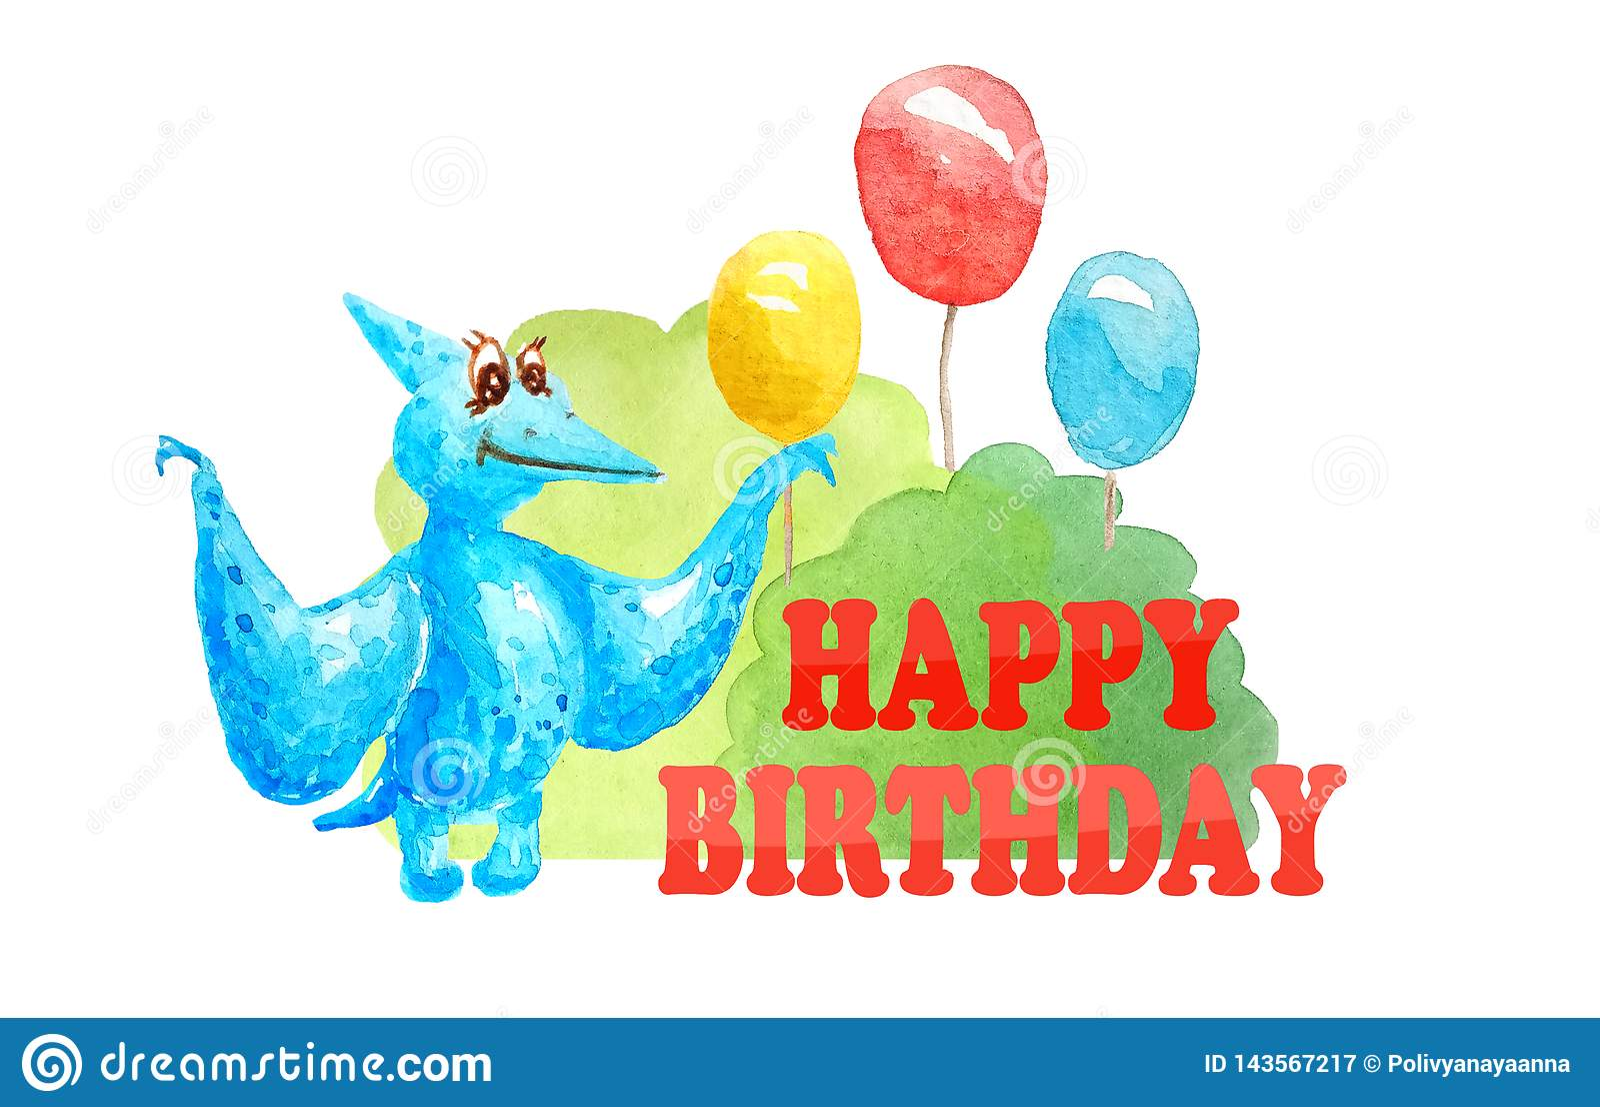 Cumpleaños de la tarjeta de felicitación feliz con el pterodáctilo azul del dinosaurio y tres impulsos y arbustos en el fondo bla